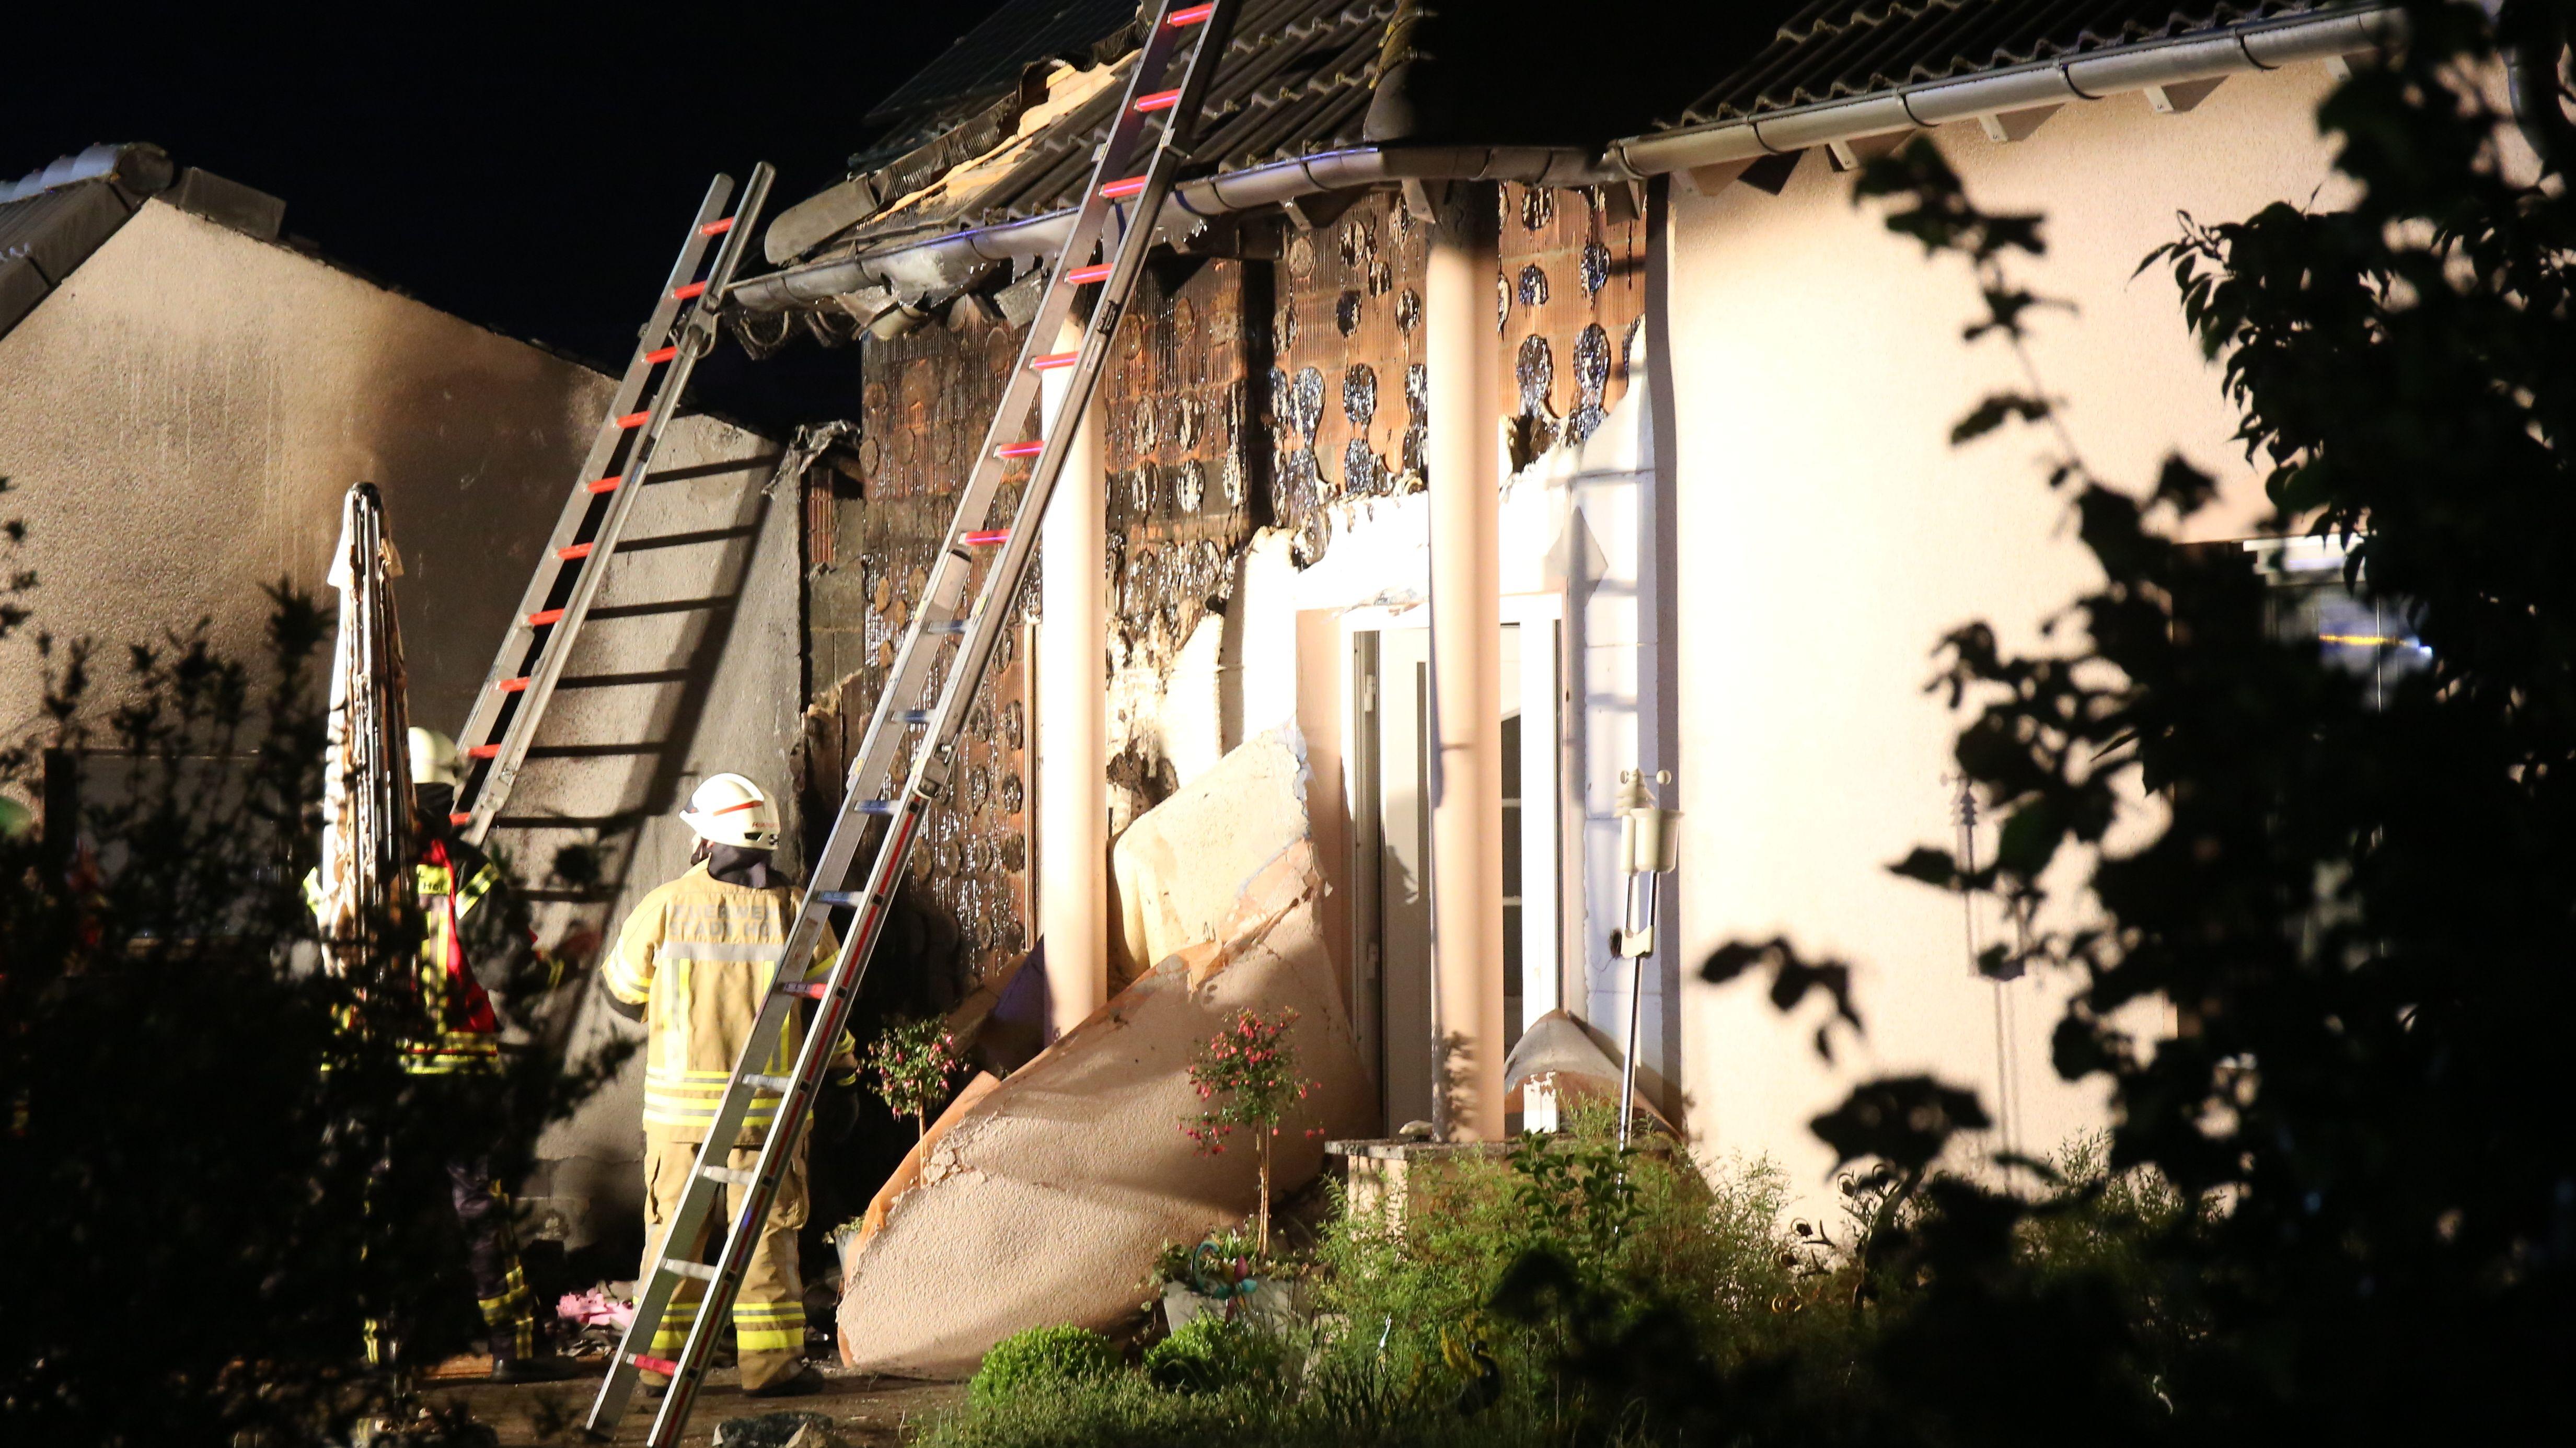 Feuerwehrmänner stehen vor dem Haus und haben Leitern zum Dachstuhl aufgestellt. Die Wand des Hauses ist verbrannt.